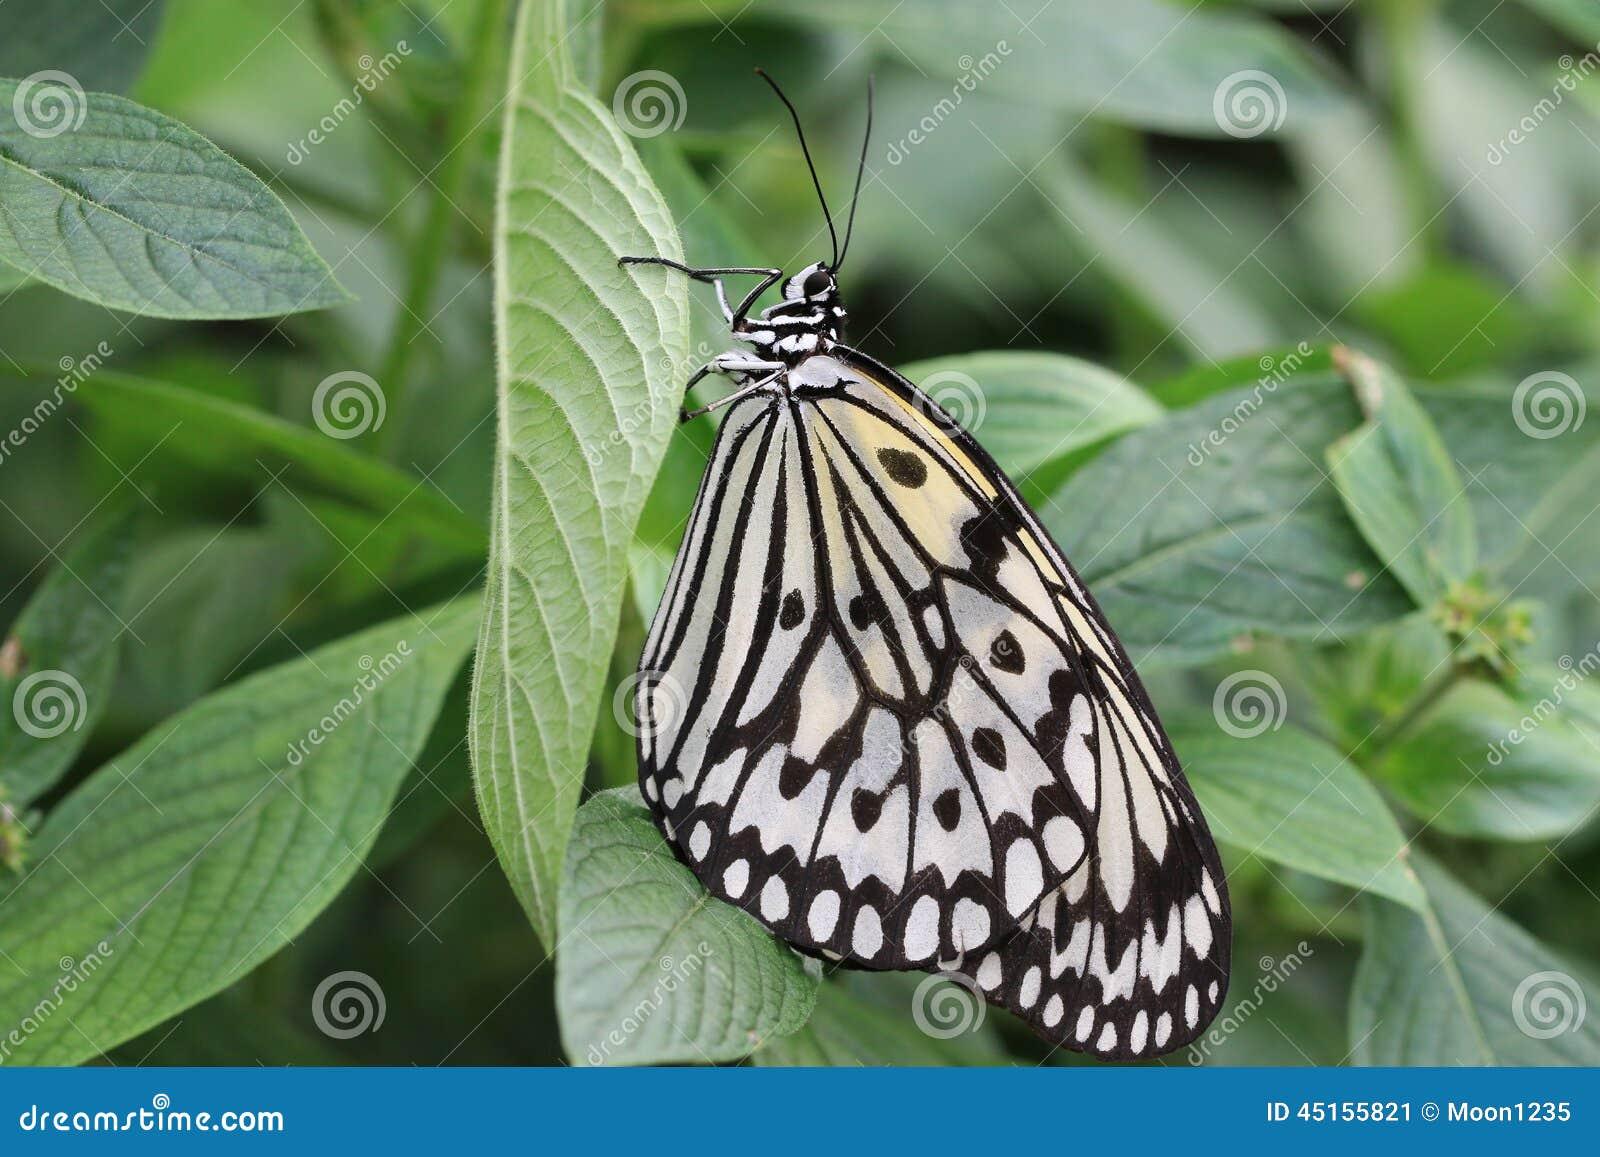 grand papillon de nymphes d 39 arbre et feuille verte photo. Black Bedroom Furniture Sets. Home Design Ideas